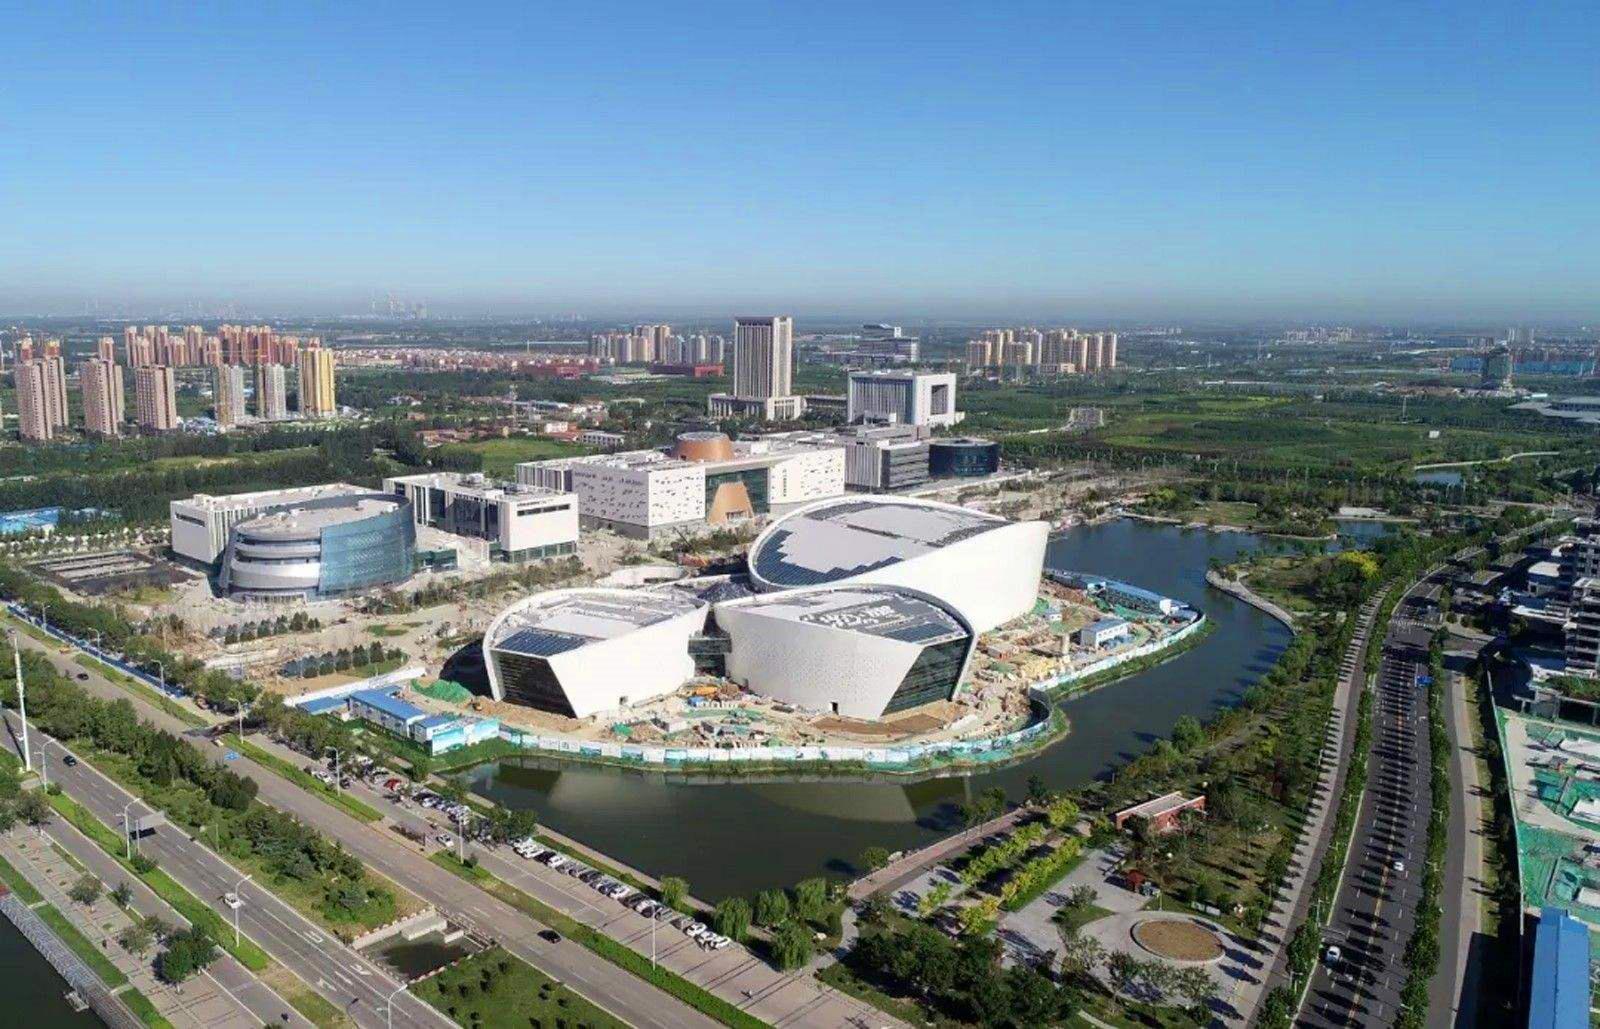 淄博旅游景点大全  2020年淄博旅游景点推荐